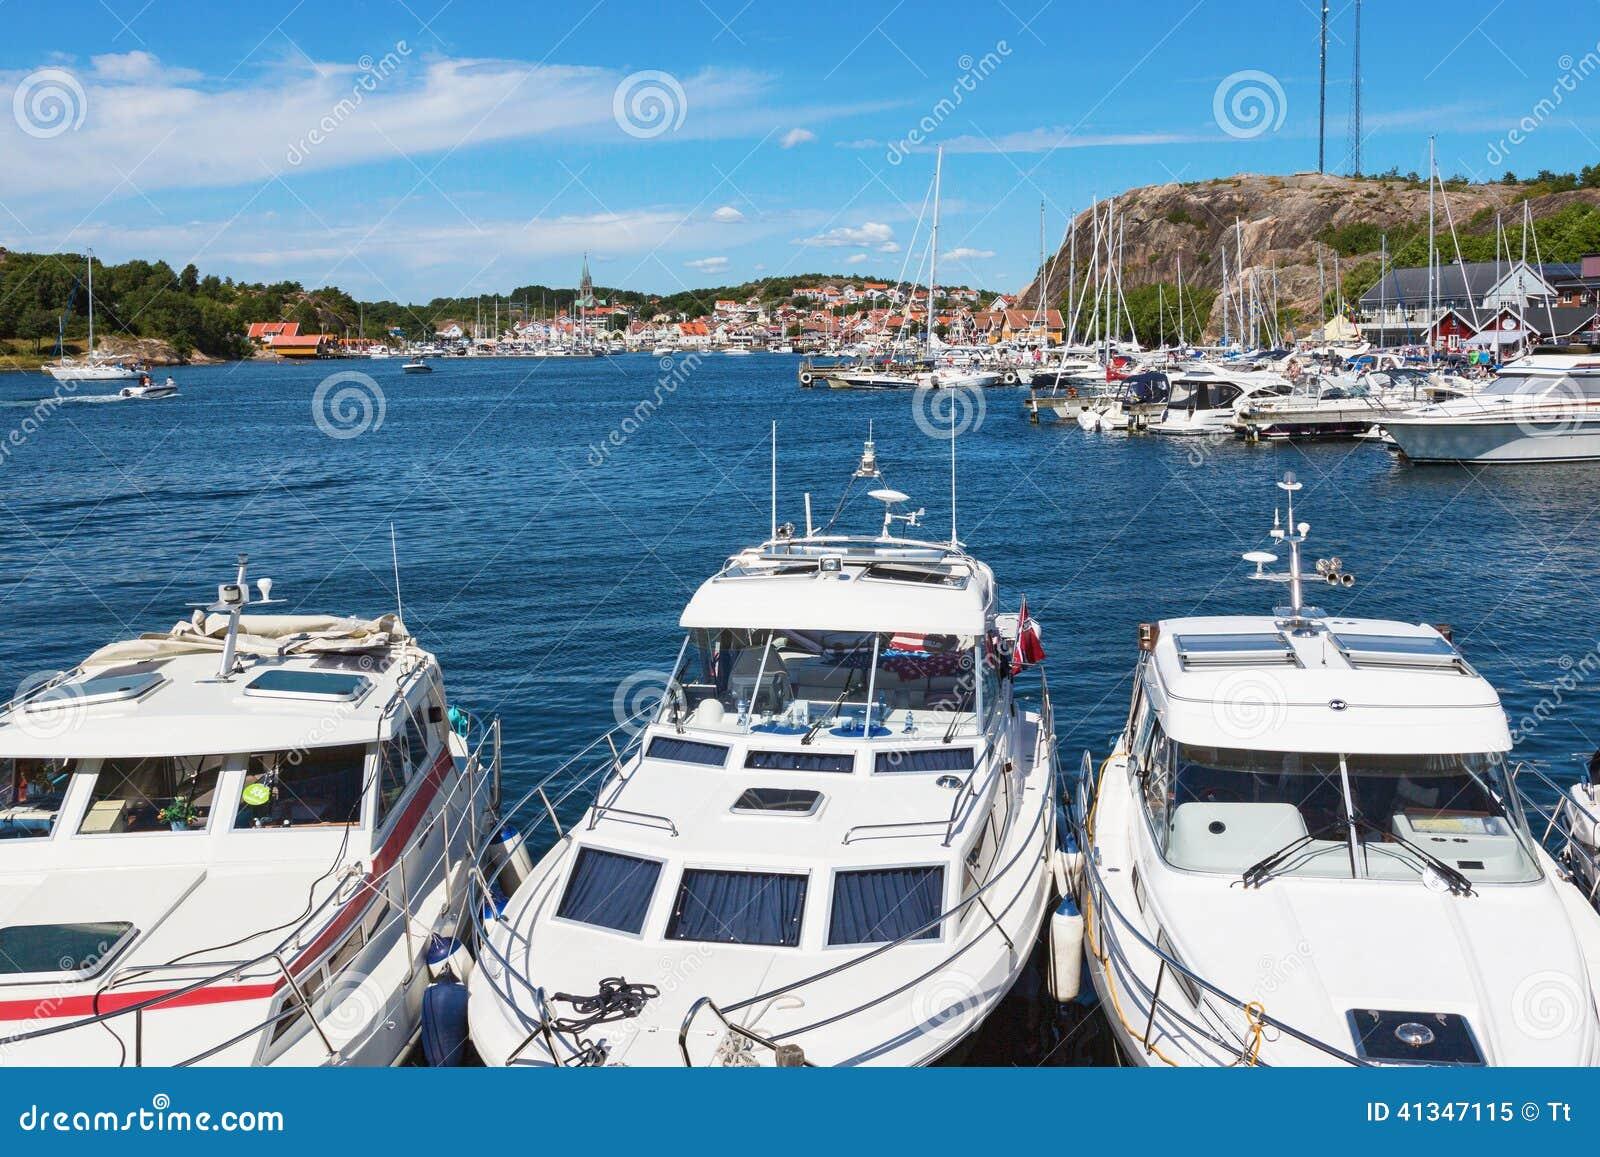 Barcos de motor en un puerto deportivo